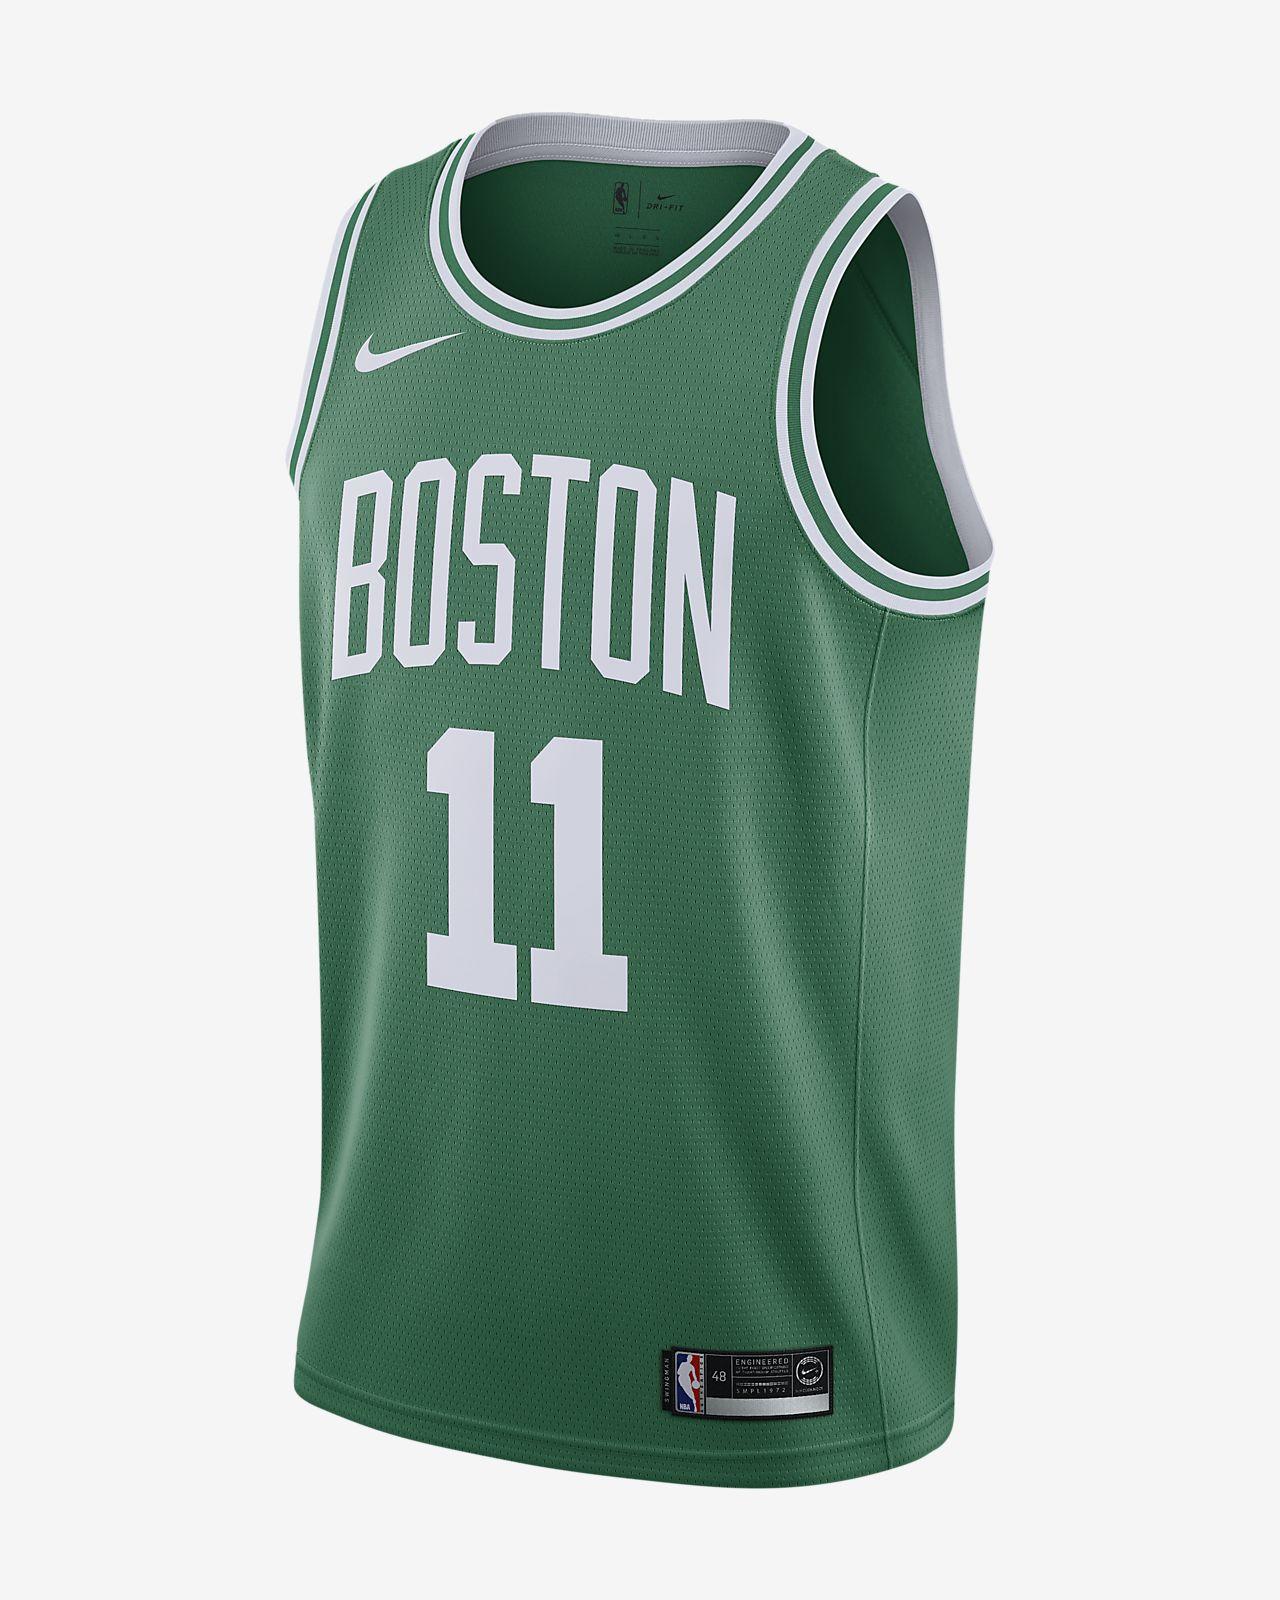 カイリー アービング アイコン エディション スウィングマン (ボストン・セルティックス) メンズ ナイキ NBA コネクテッド ジャージー